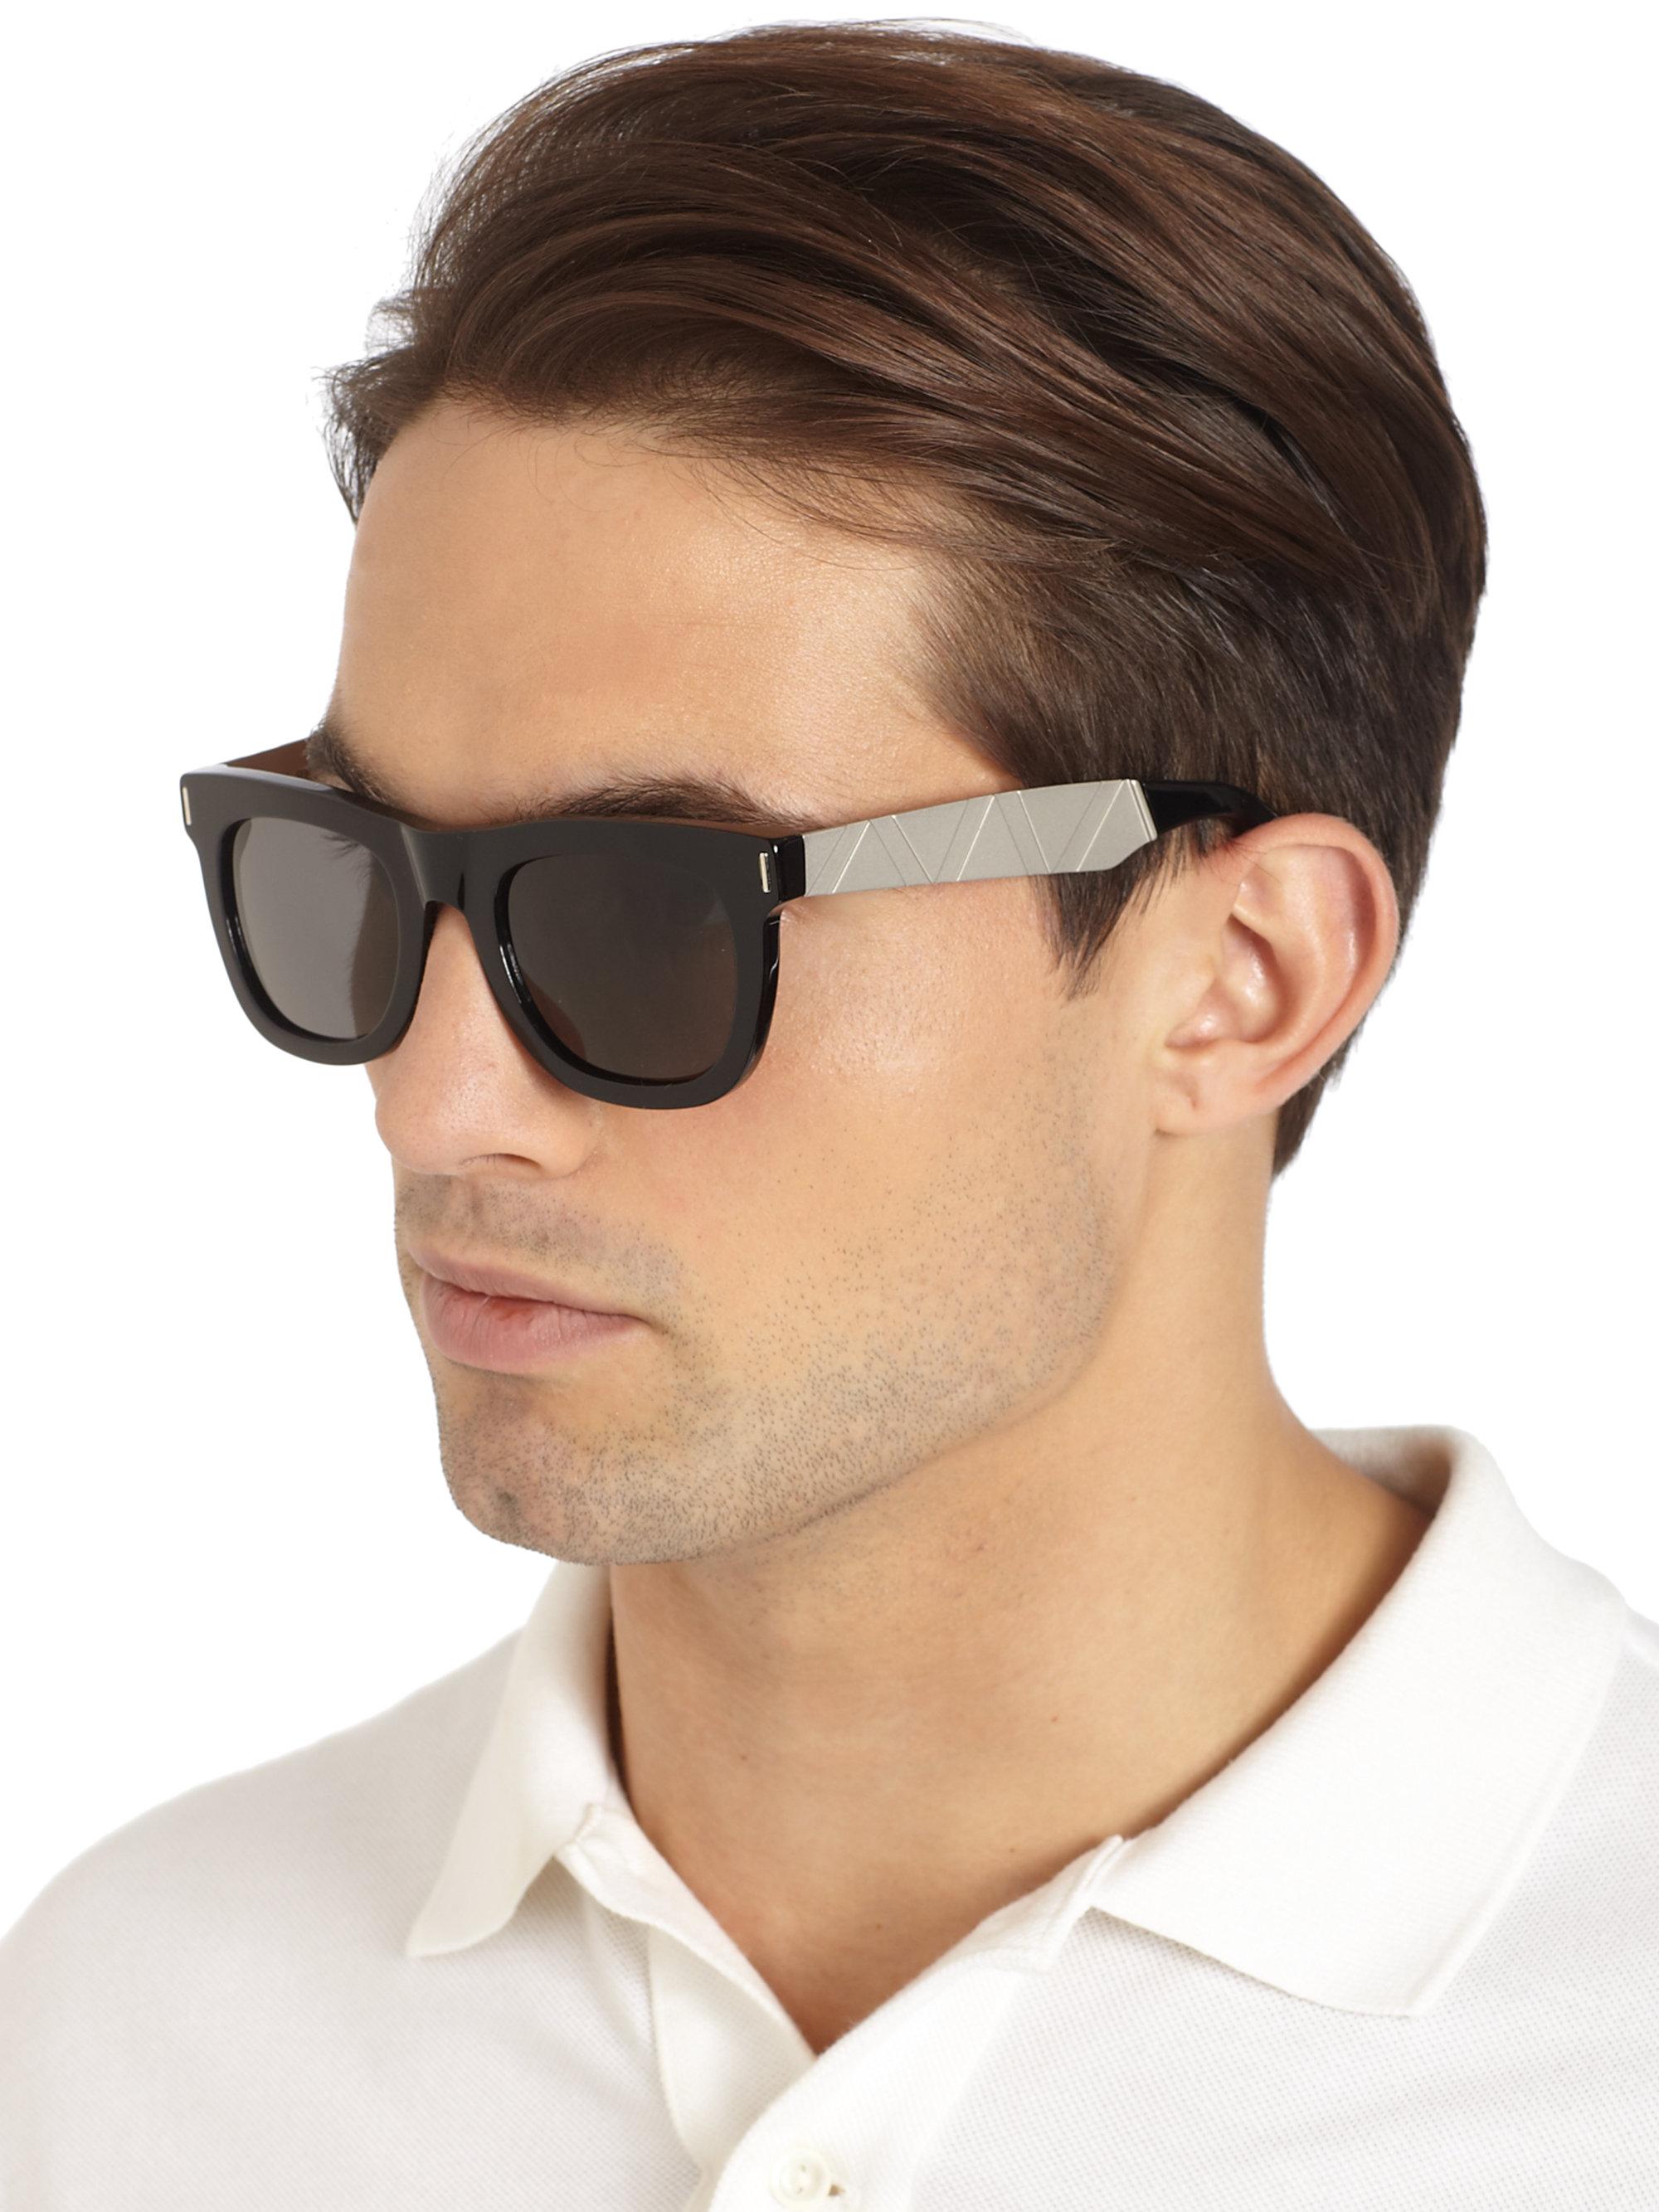 Ciccio Francis sunglasses - Black Retro Superfuture Find Great For Sale Cheap Sale Latest LVQQRrm